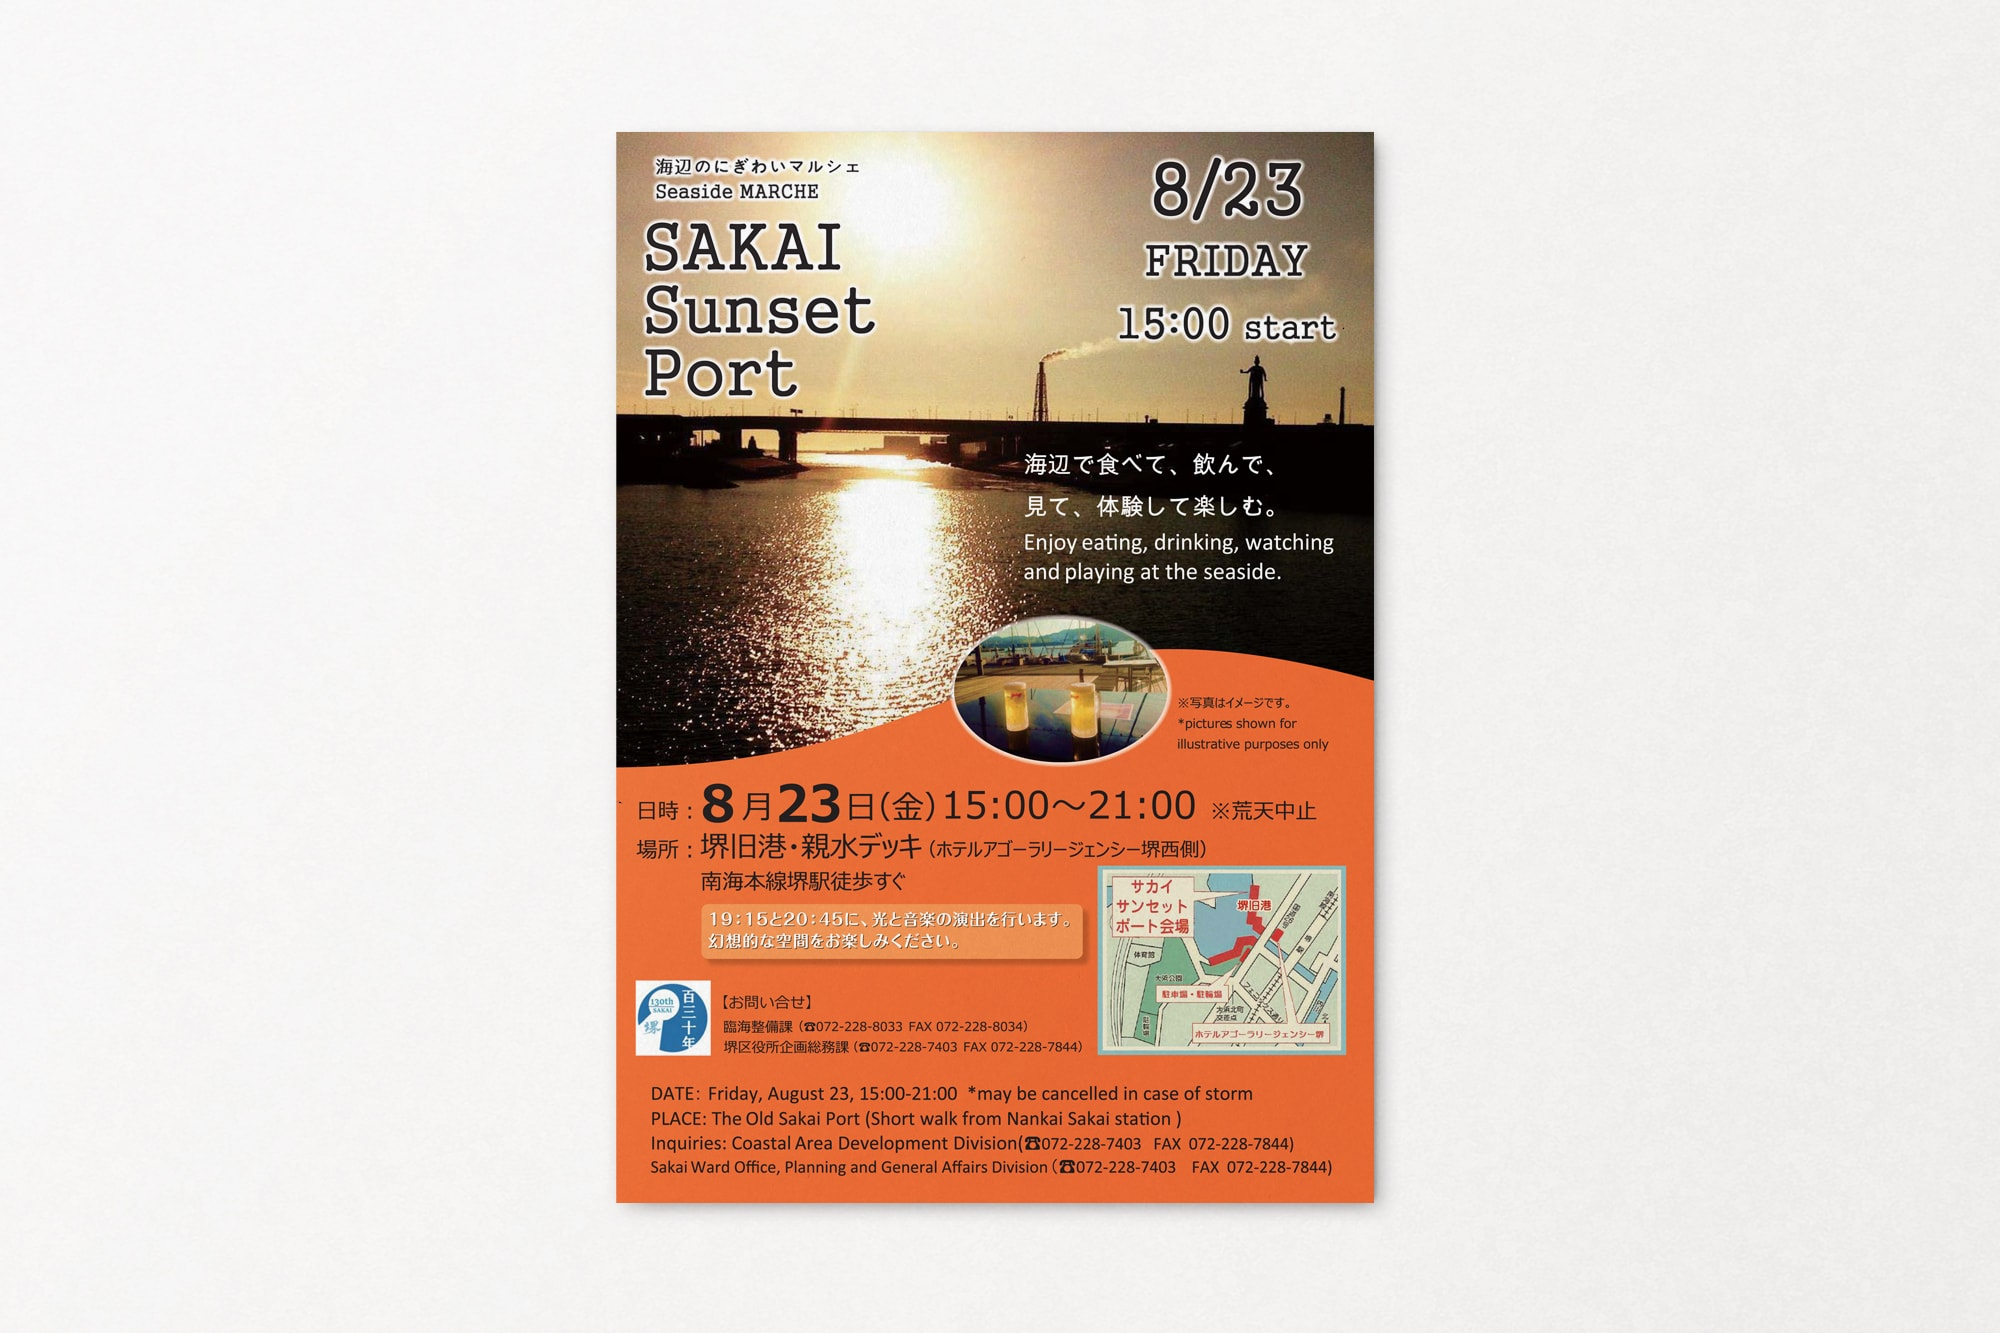 SAKAI Sunset Port